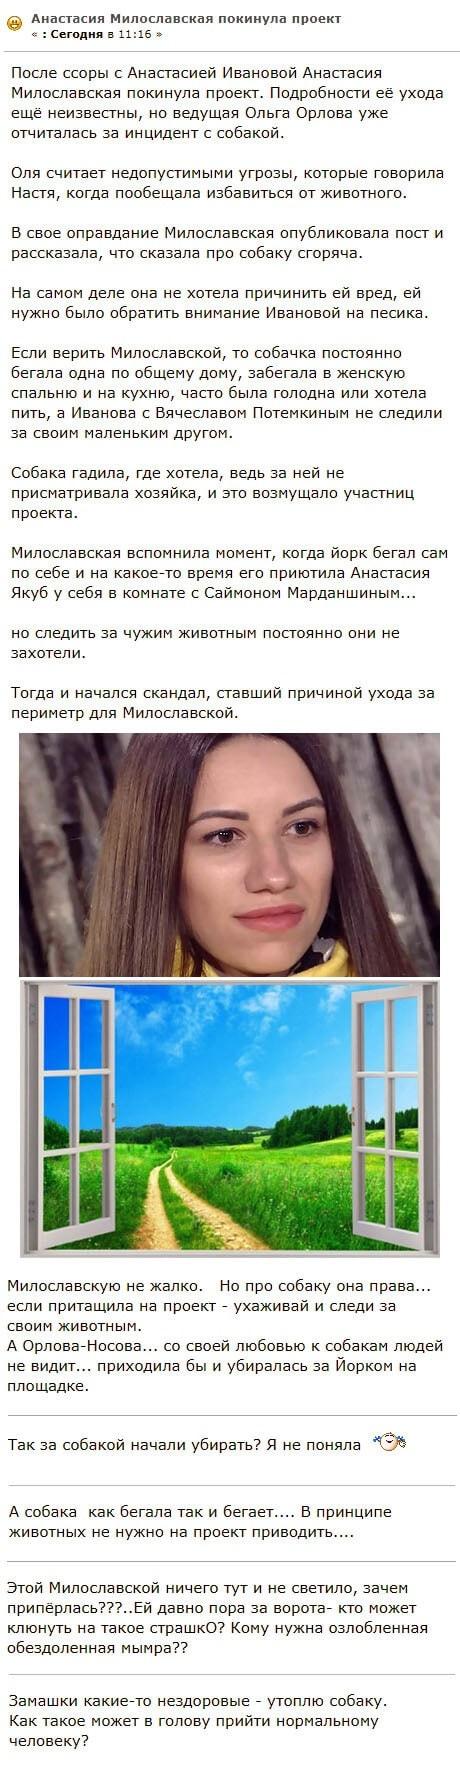 Ольга Орлова вышвырнула с проекта Анастасию Милославскую